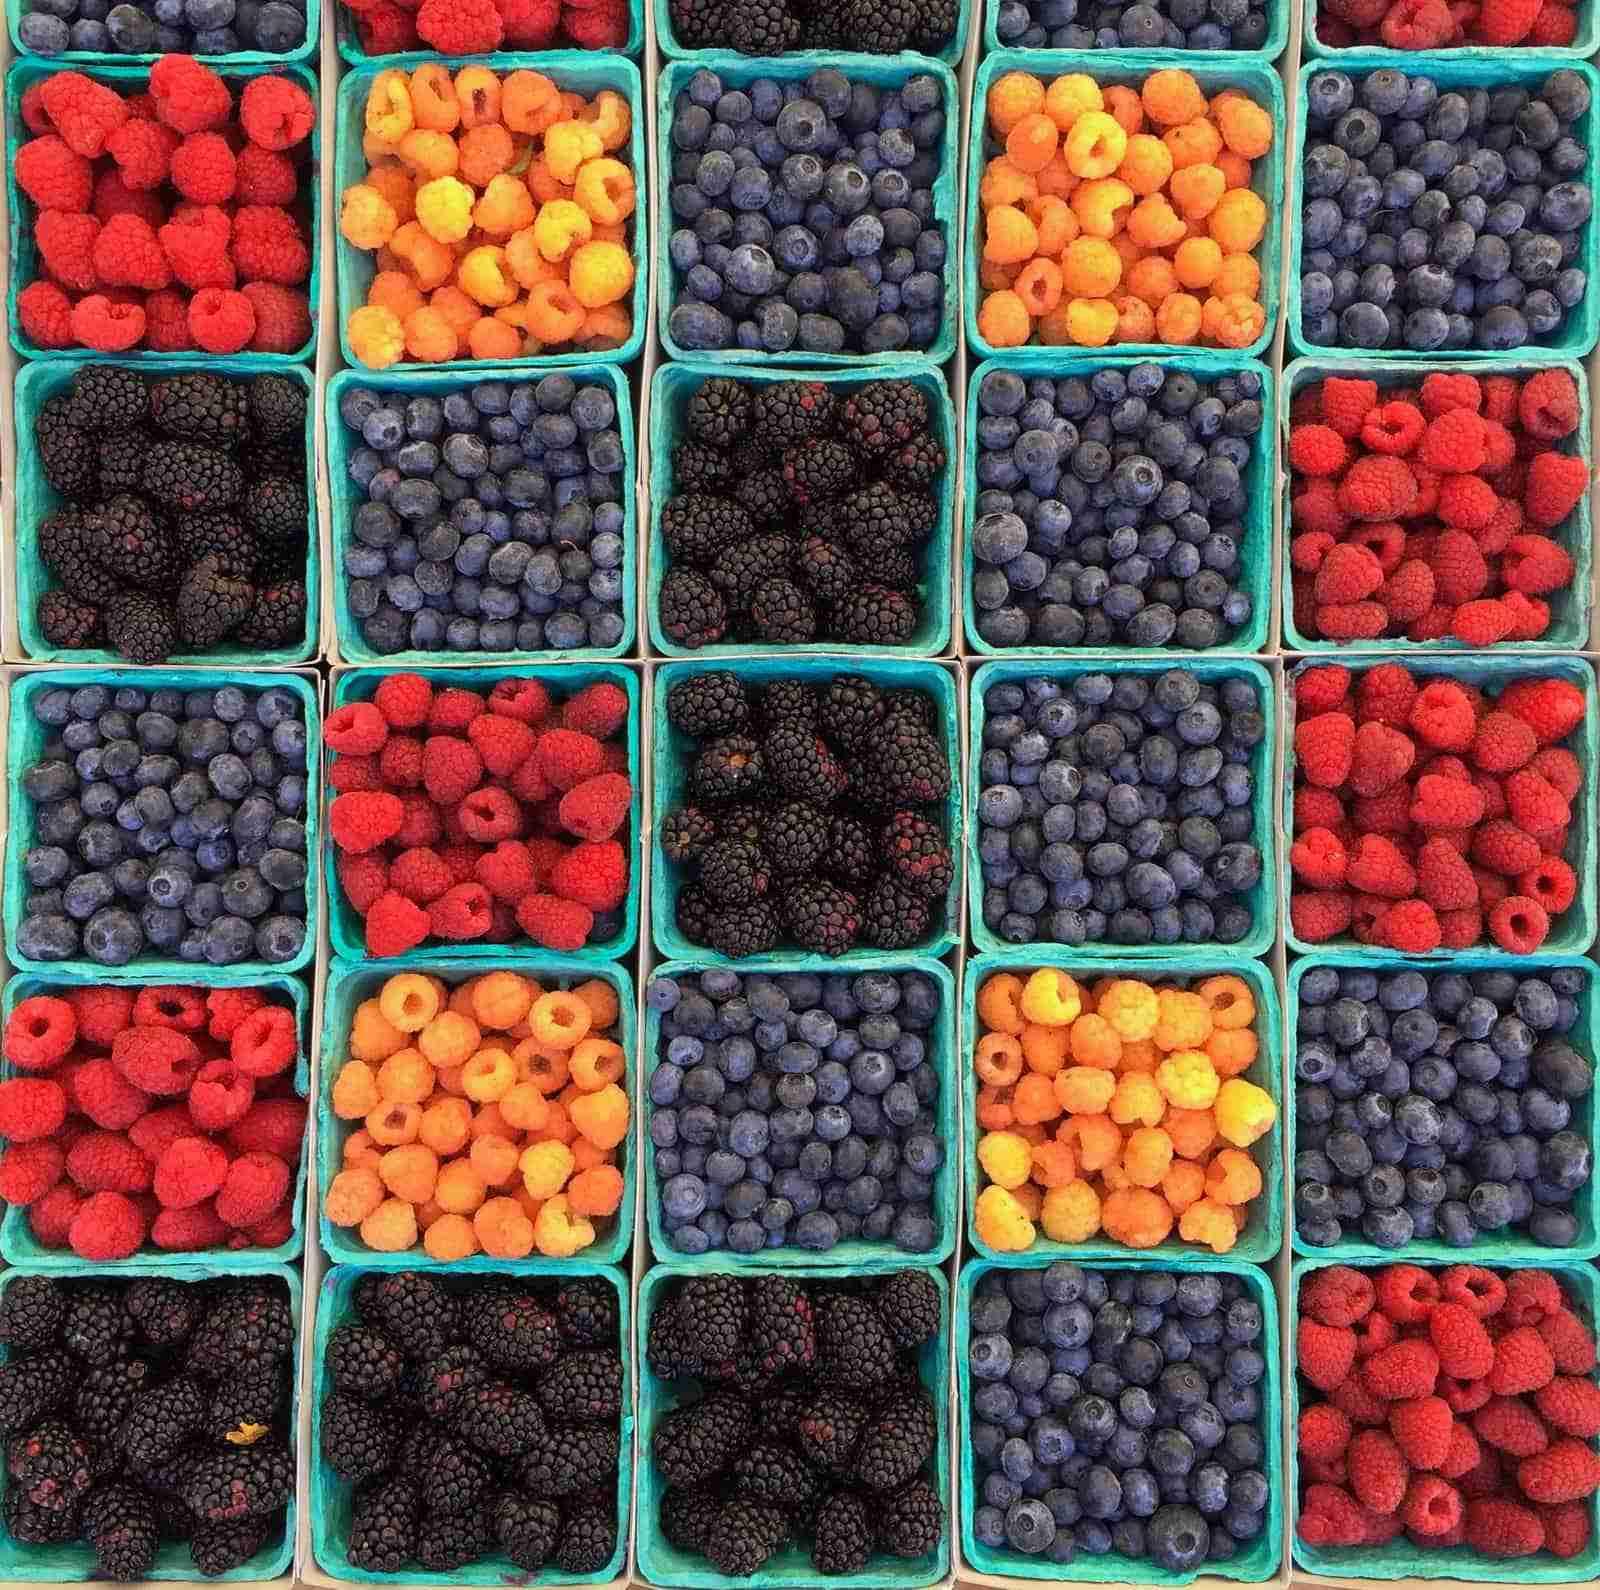 Cape Cod Farmers Markets